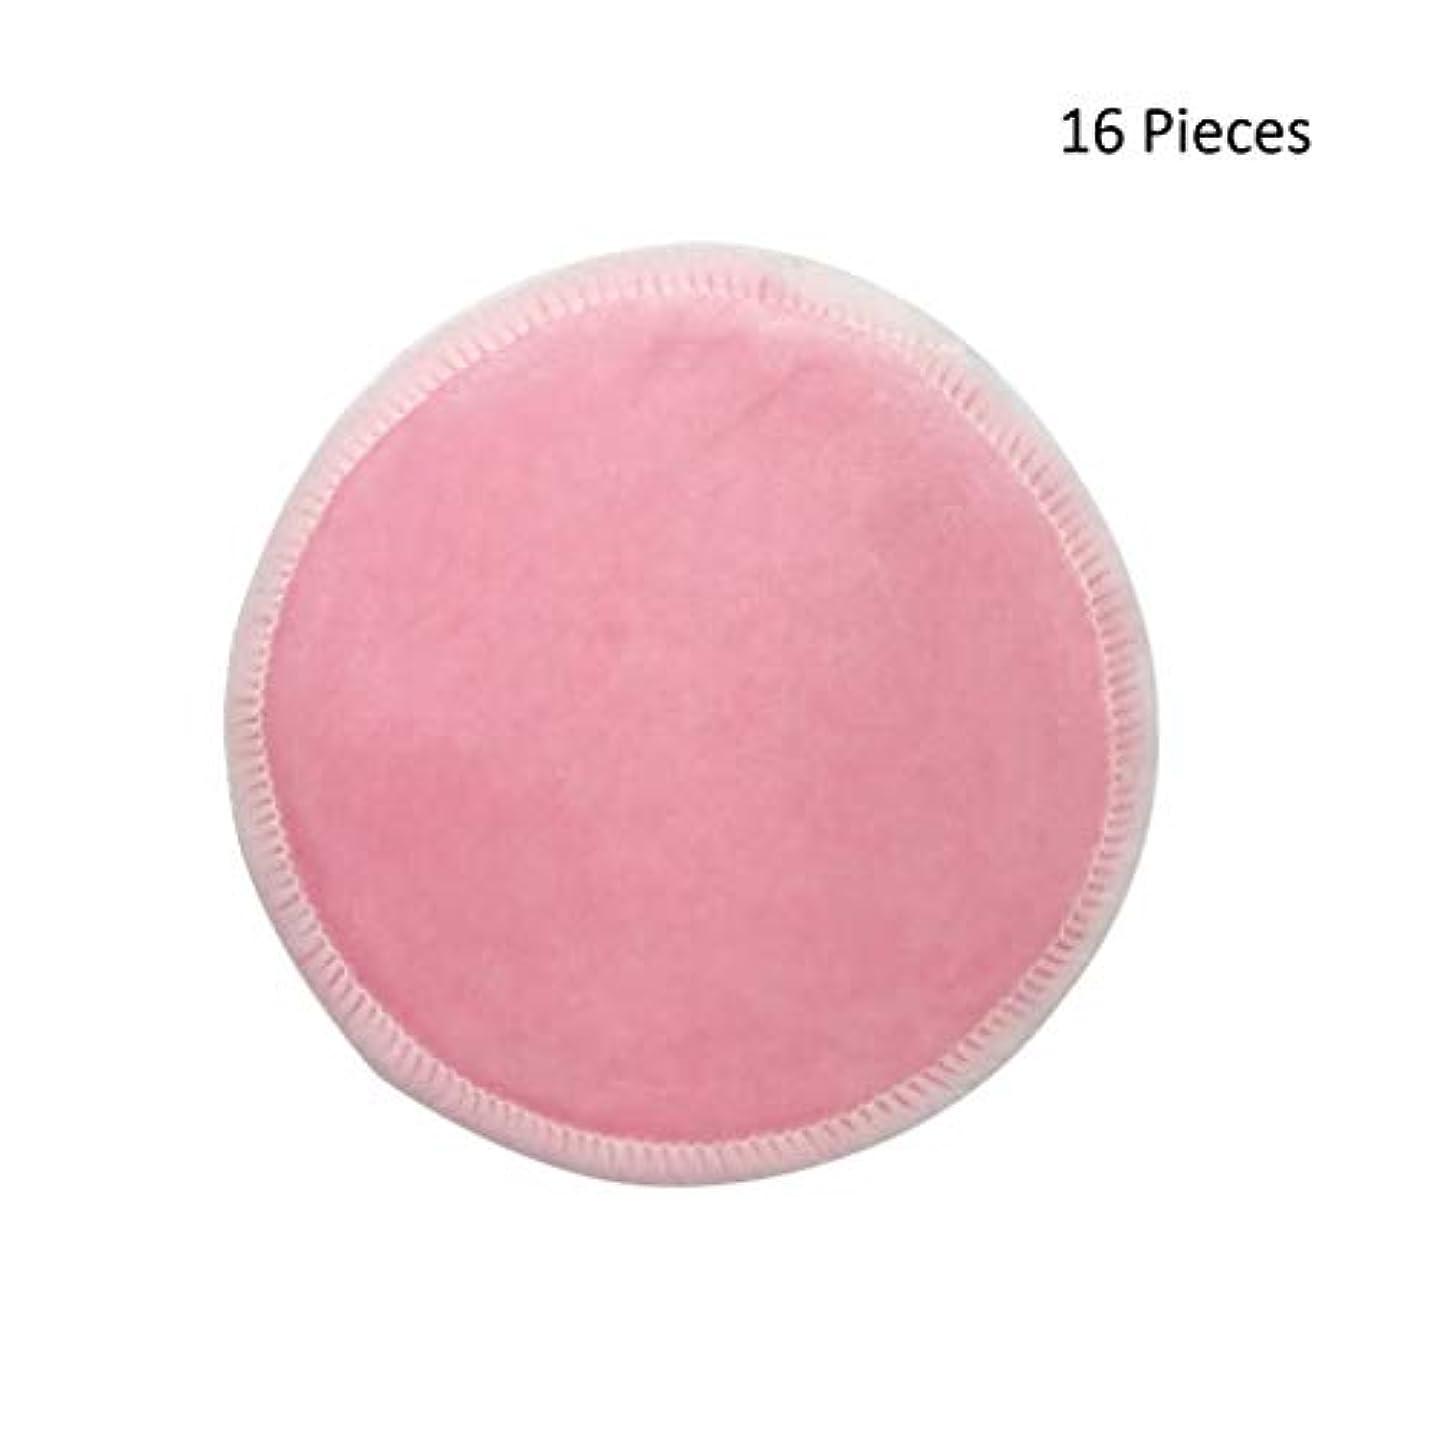 竹フェイスメイク落としラウンドパッド再利用可能なソフトフェイシャルスキンケア布パッド洗えるワイプディープクレンジング化粧品ツール (Color : 16 Pieces, サイズ : 8*8cm)